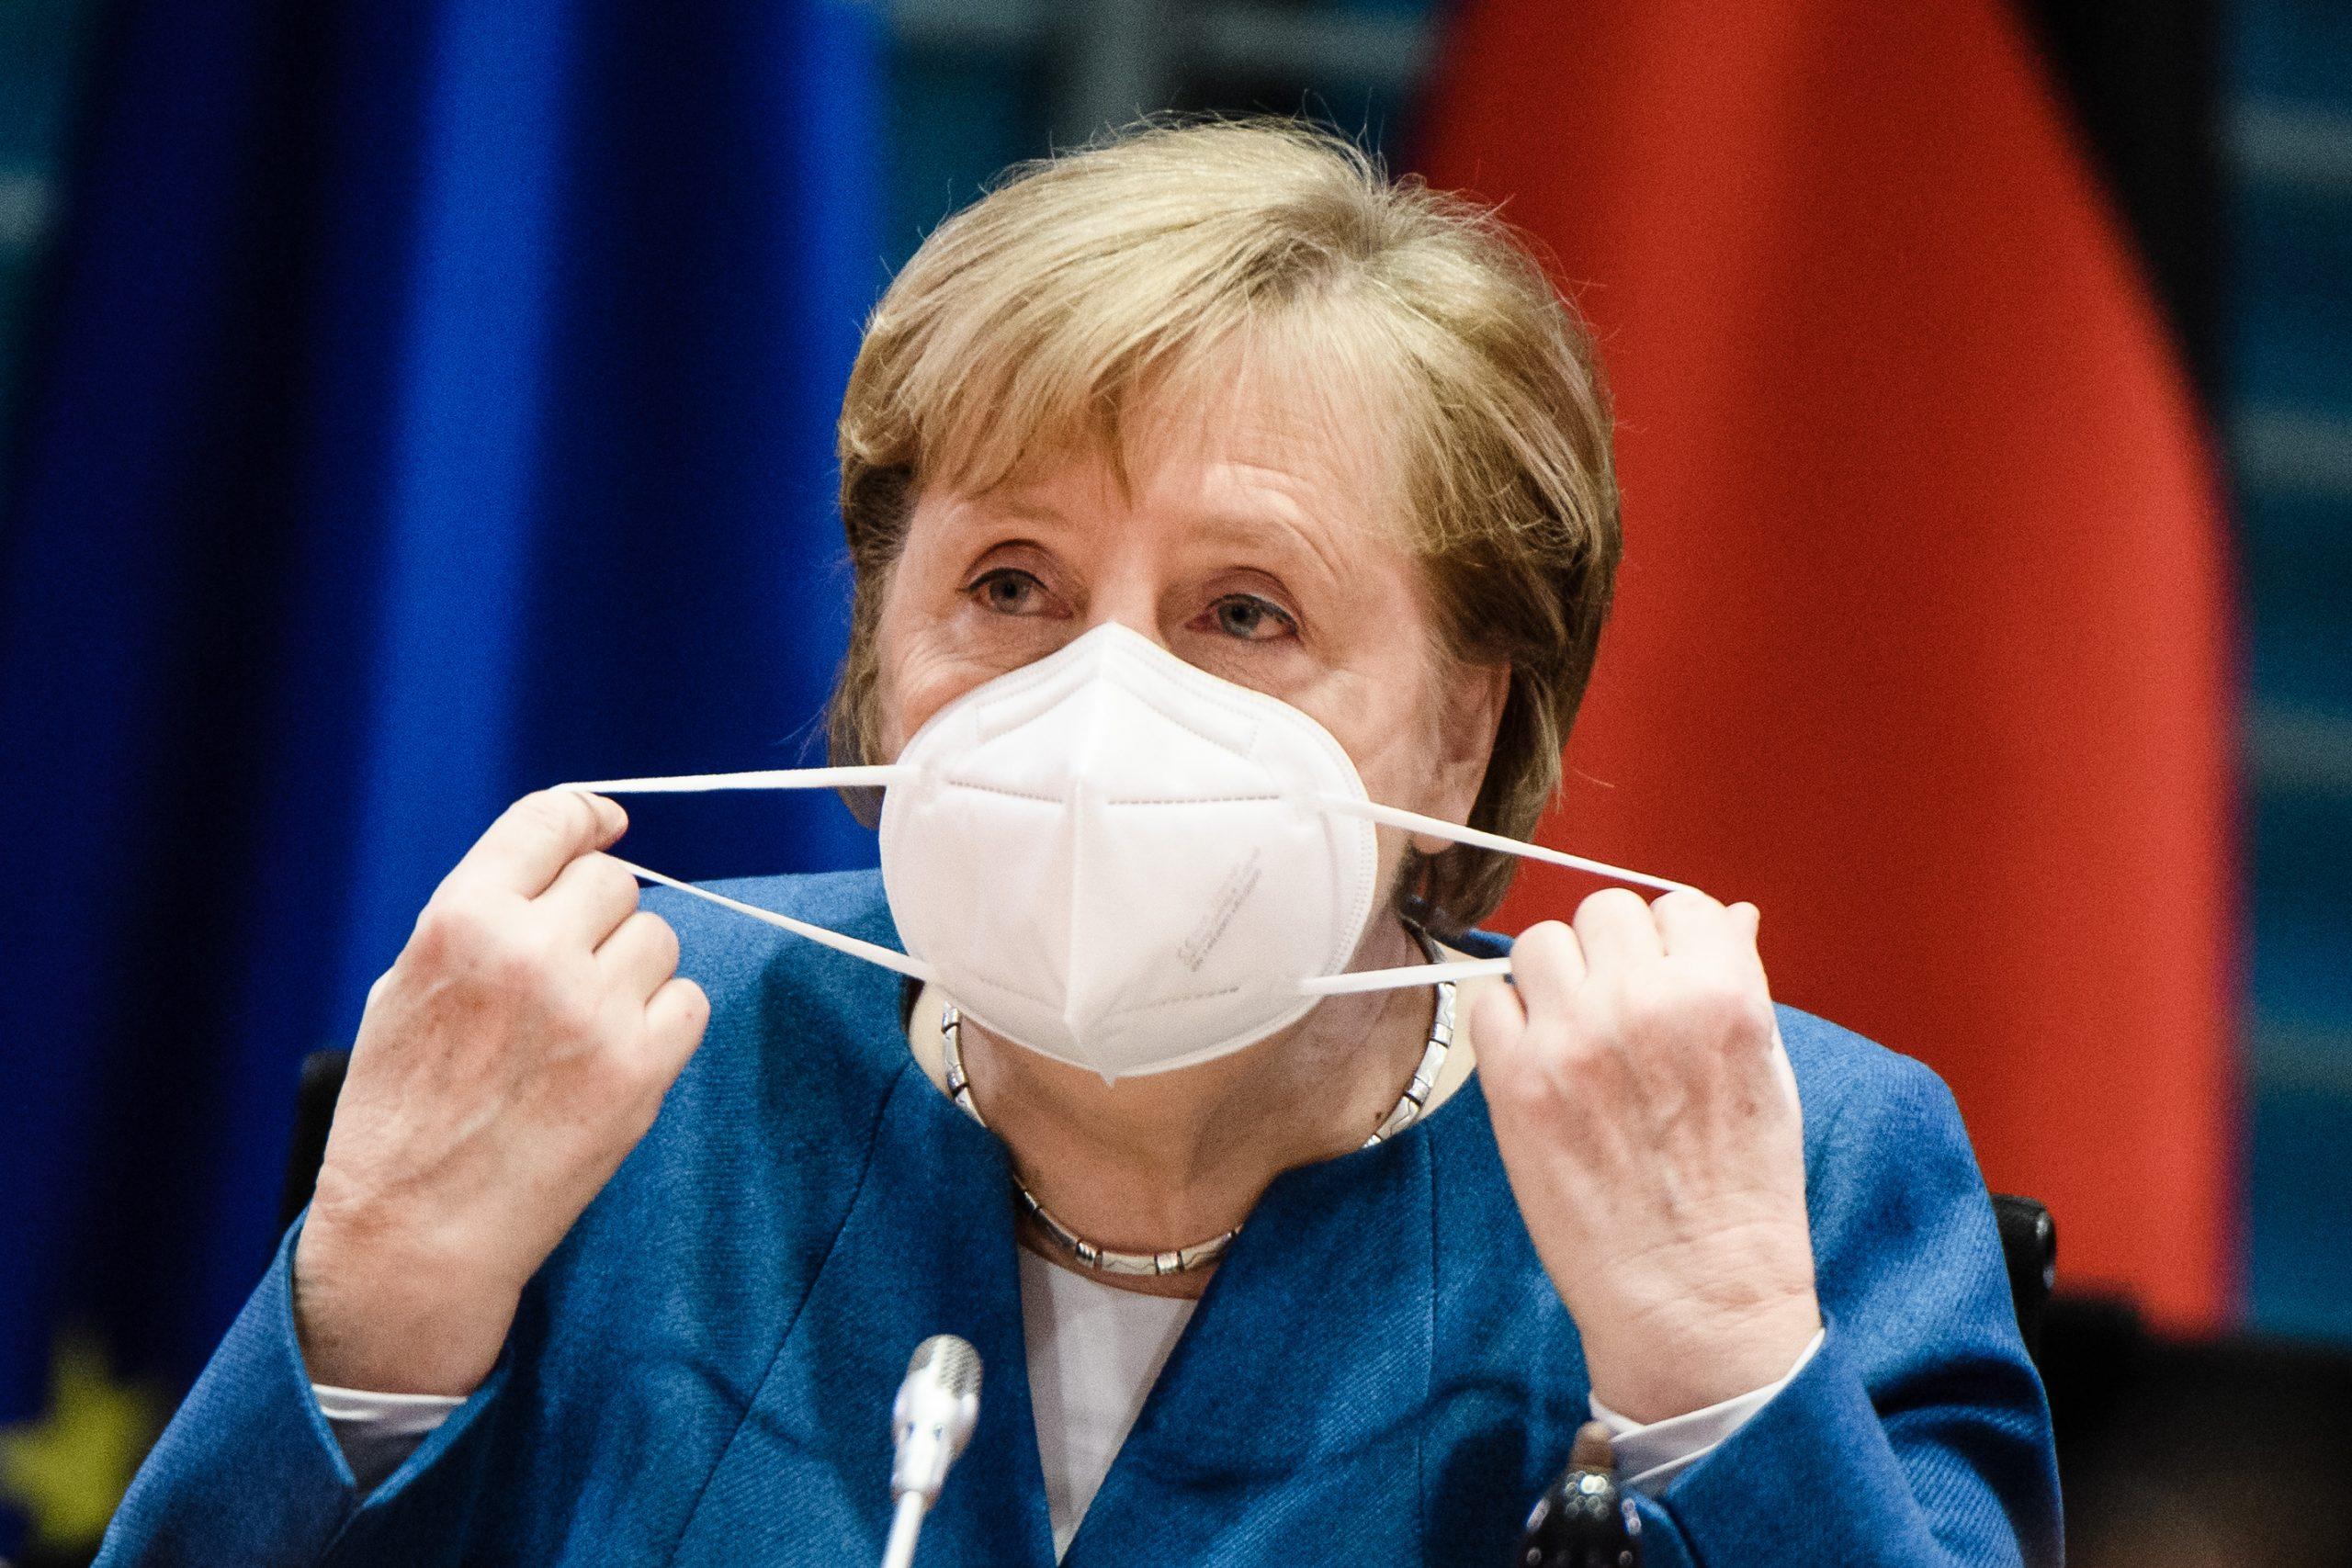 Kinderarzt Eugen Janzen lädt Kanzlerin zum Masken-Check ein